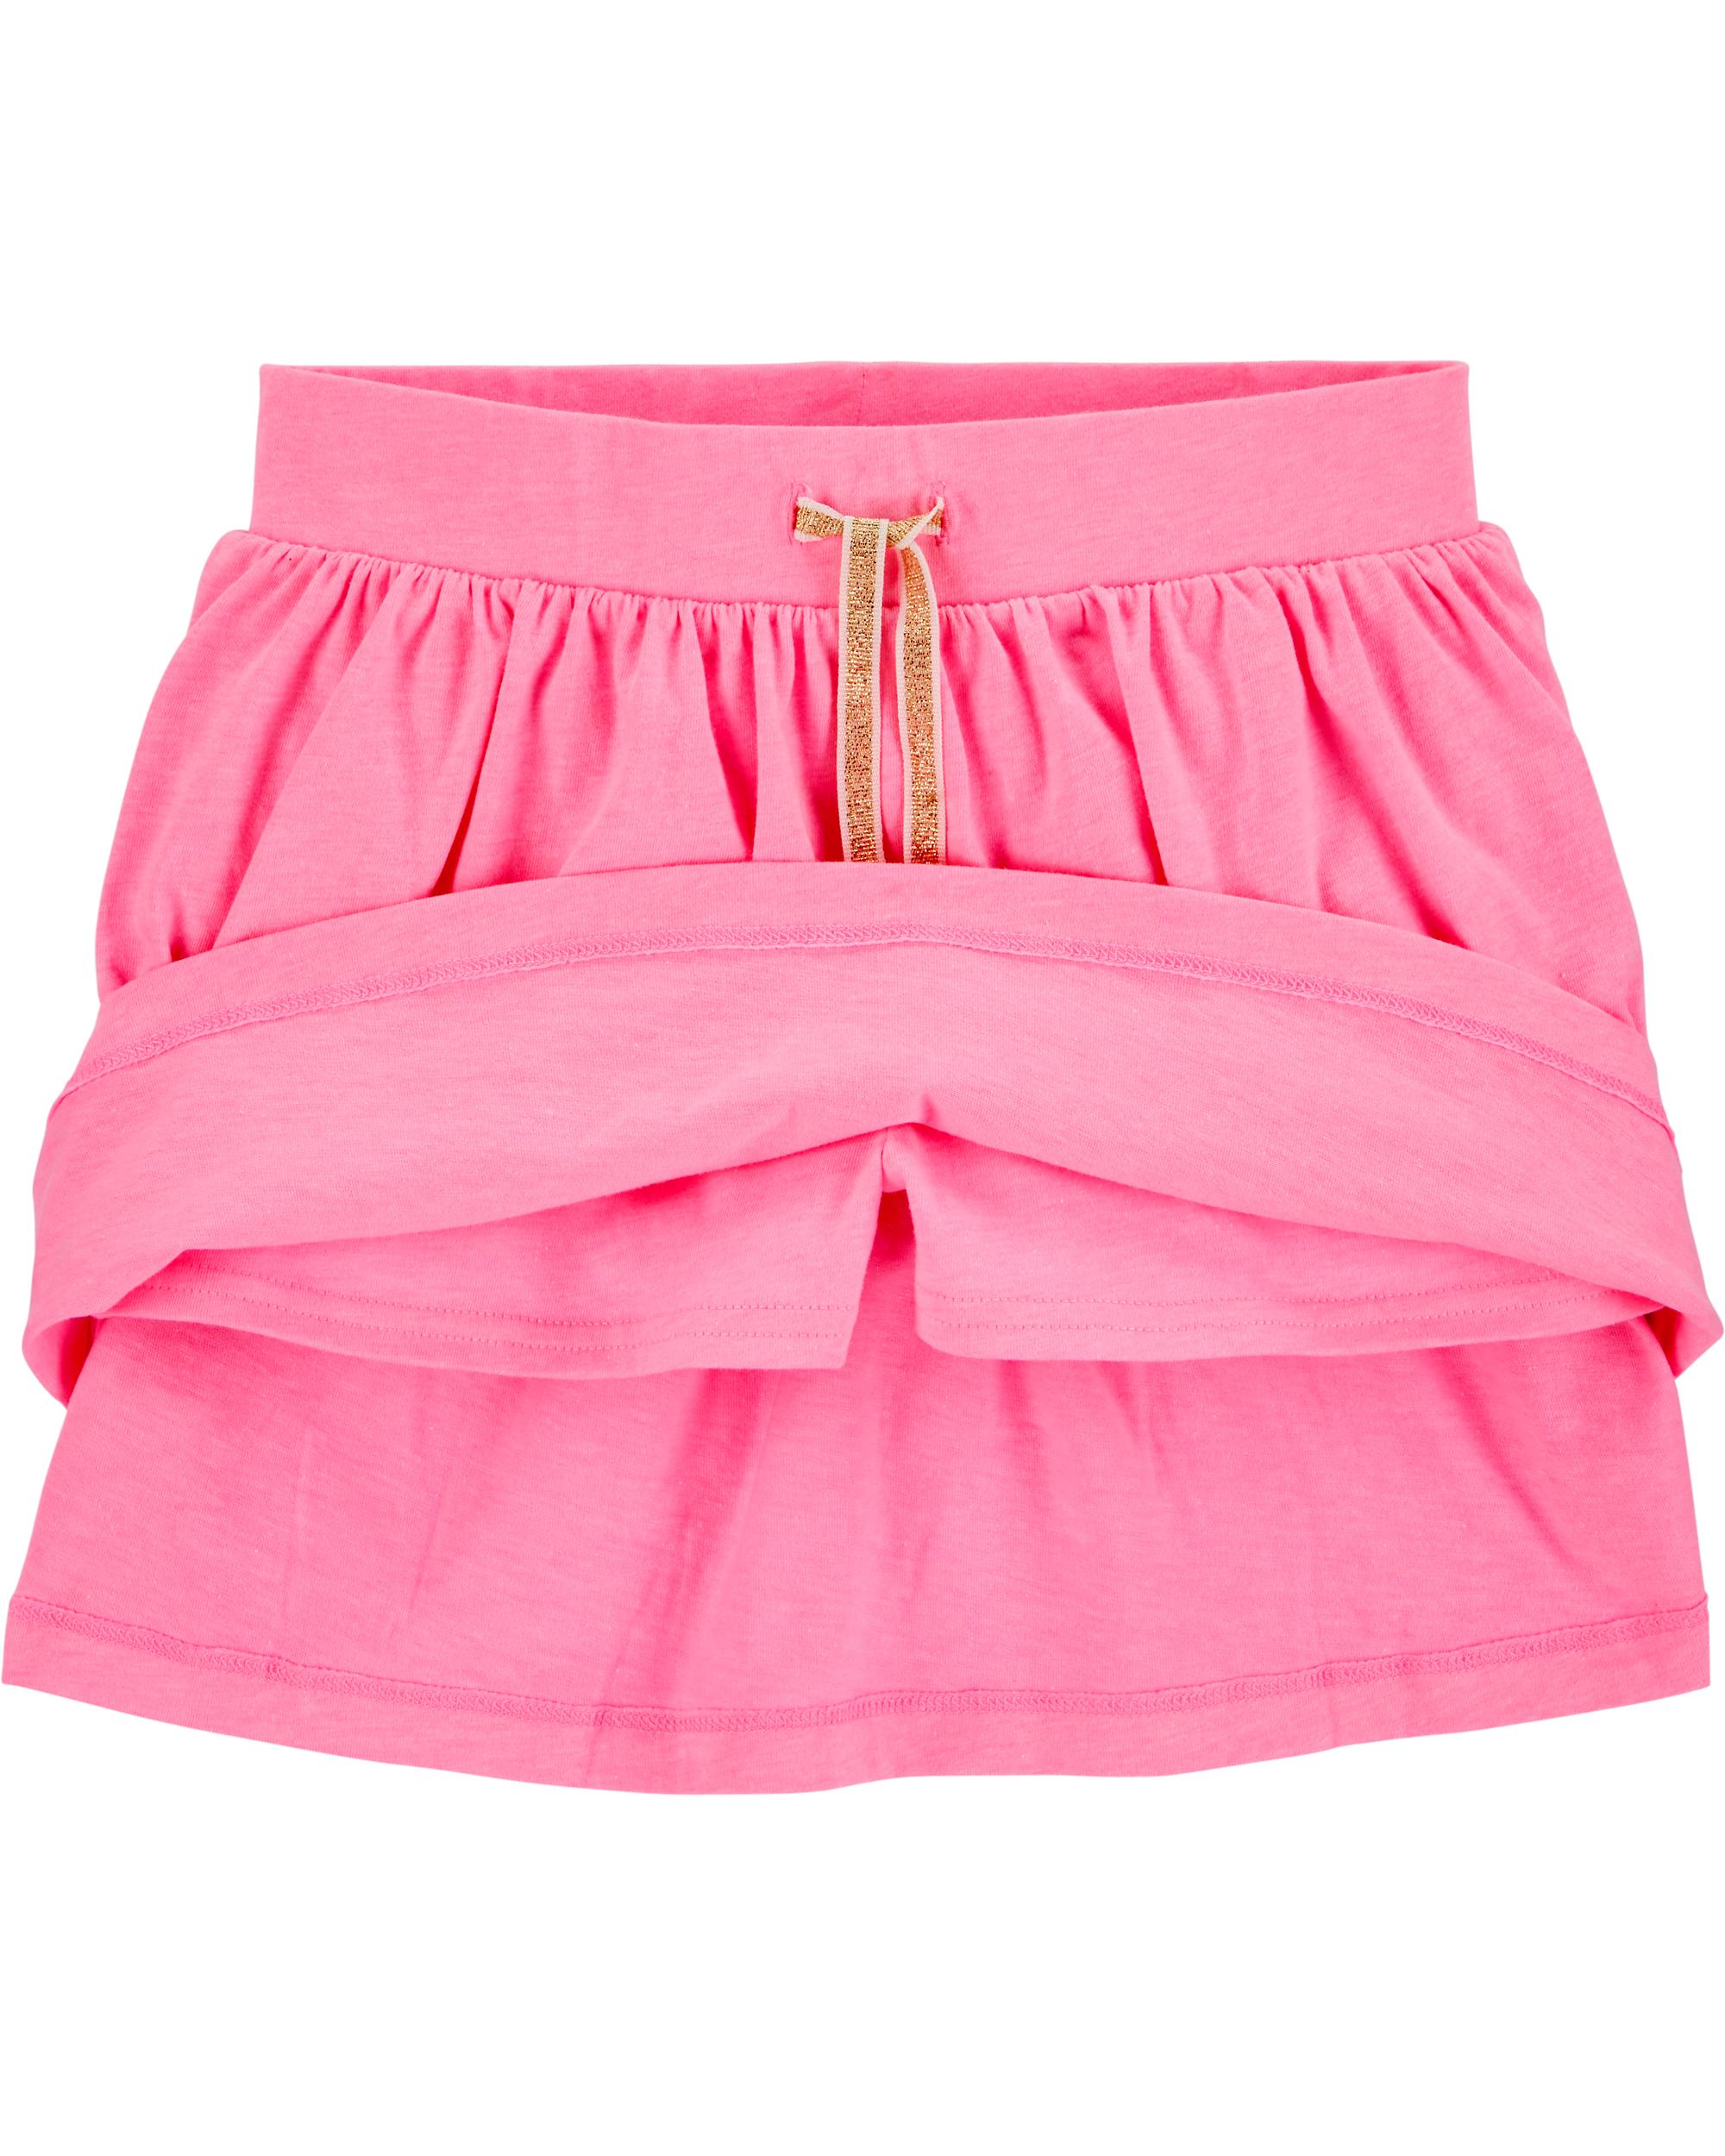 חצאית מכנס ורוד פוקסיה